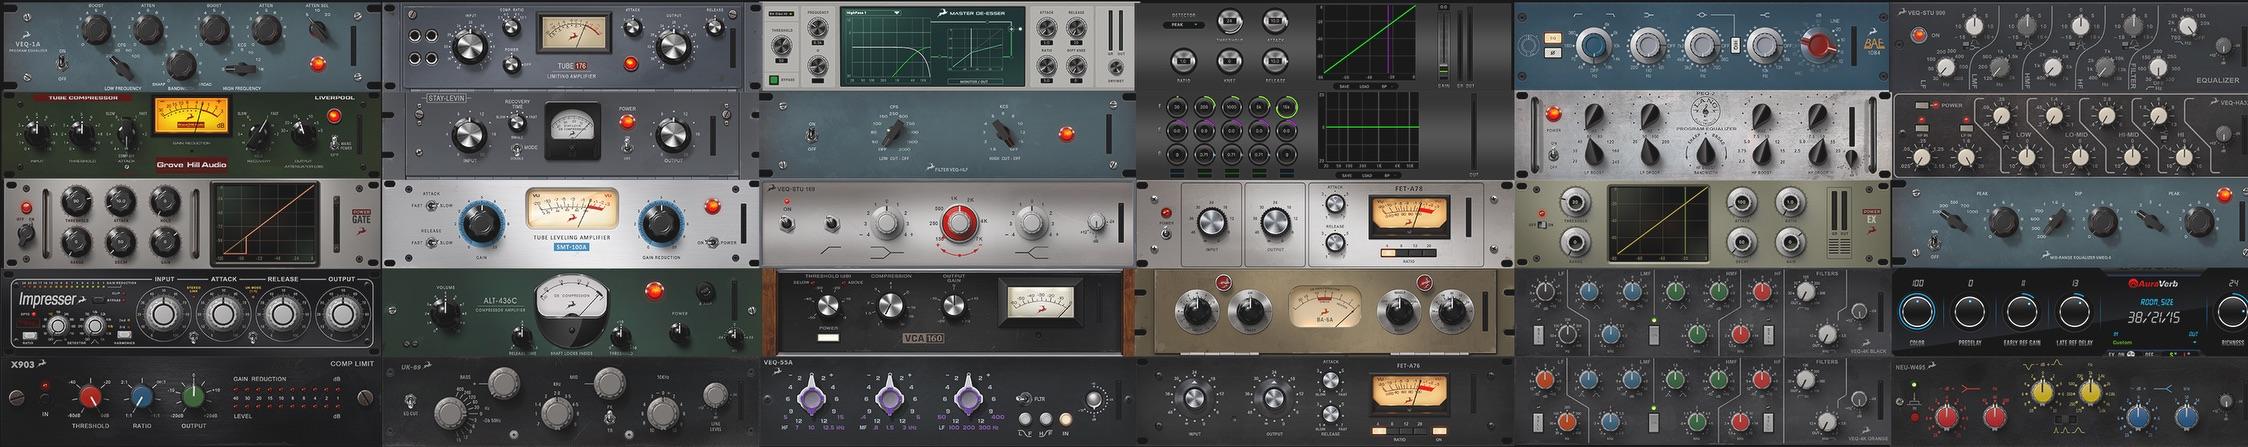 Resultado de imagen de antelope audio interfaces